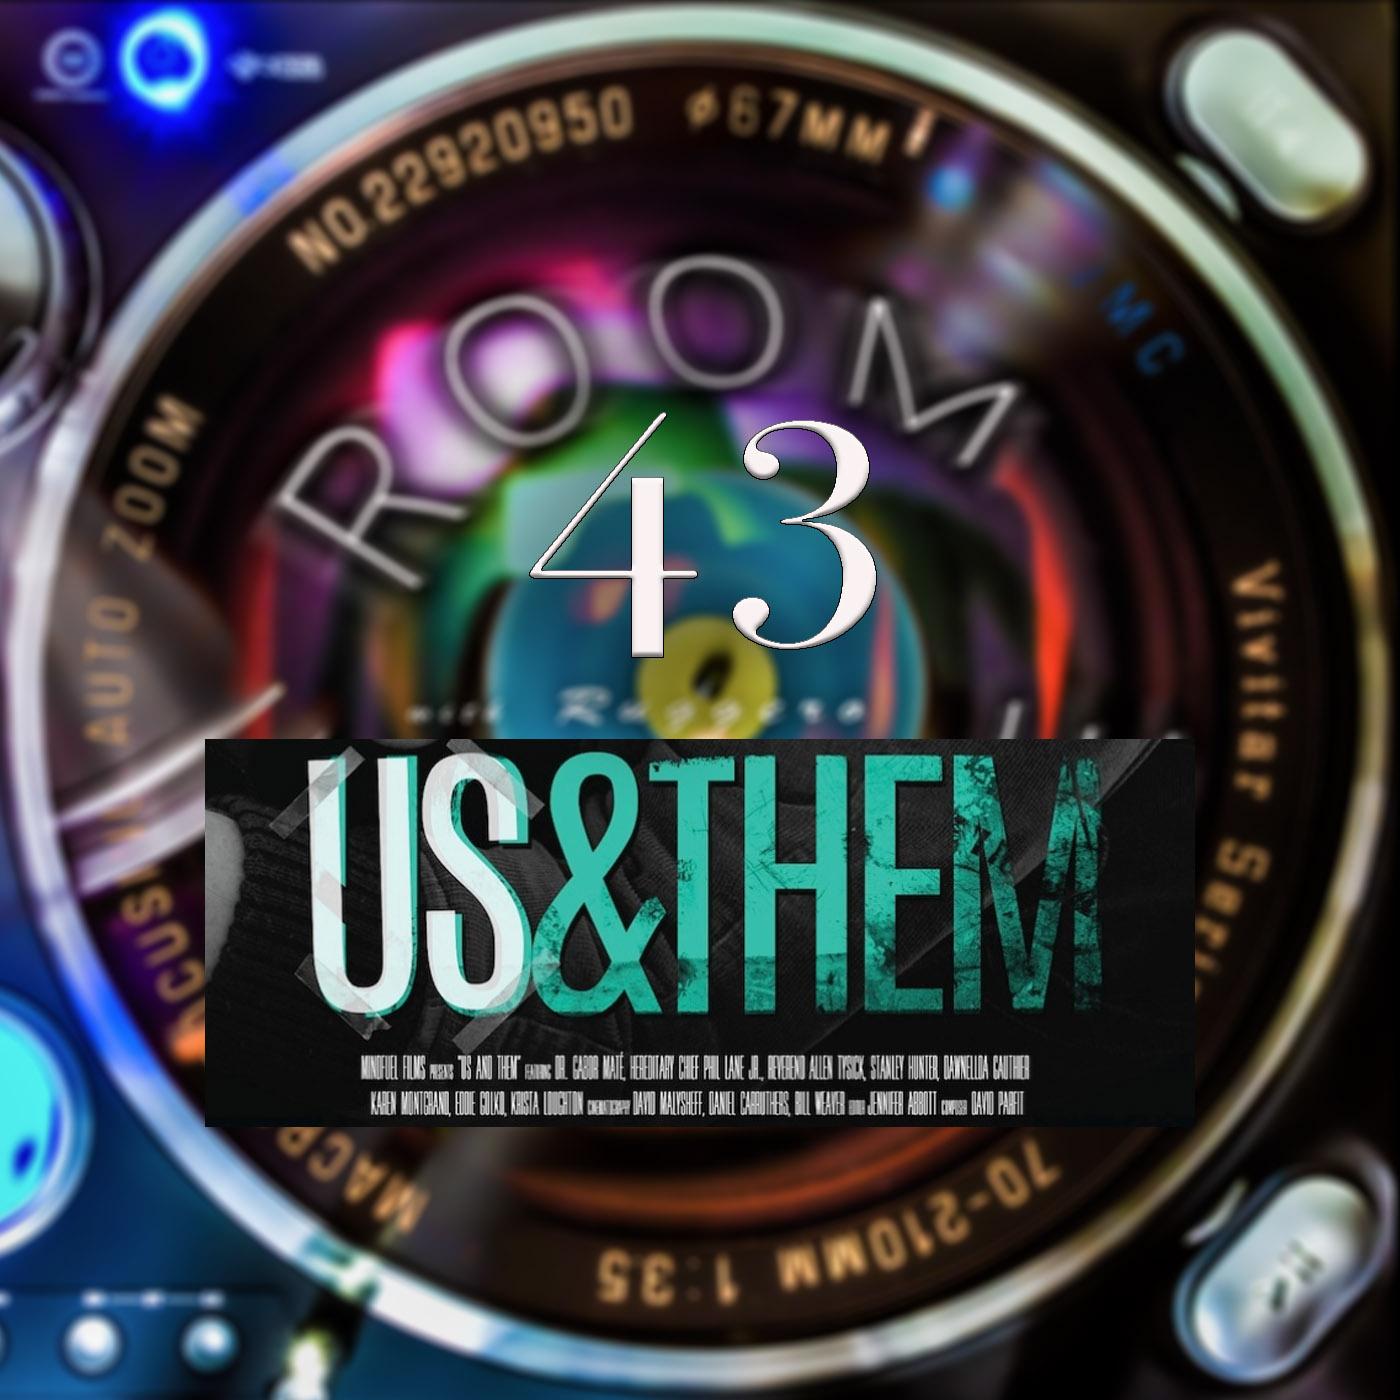 Room Tone Take 43.jpg